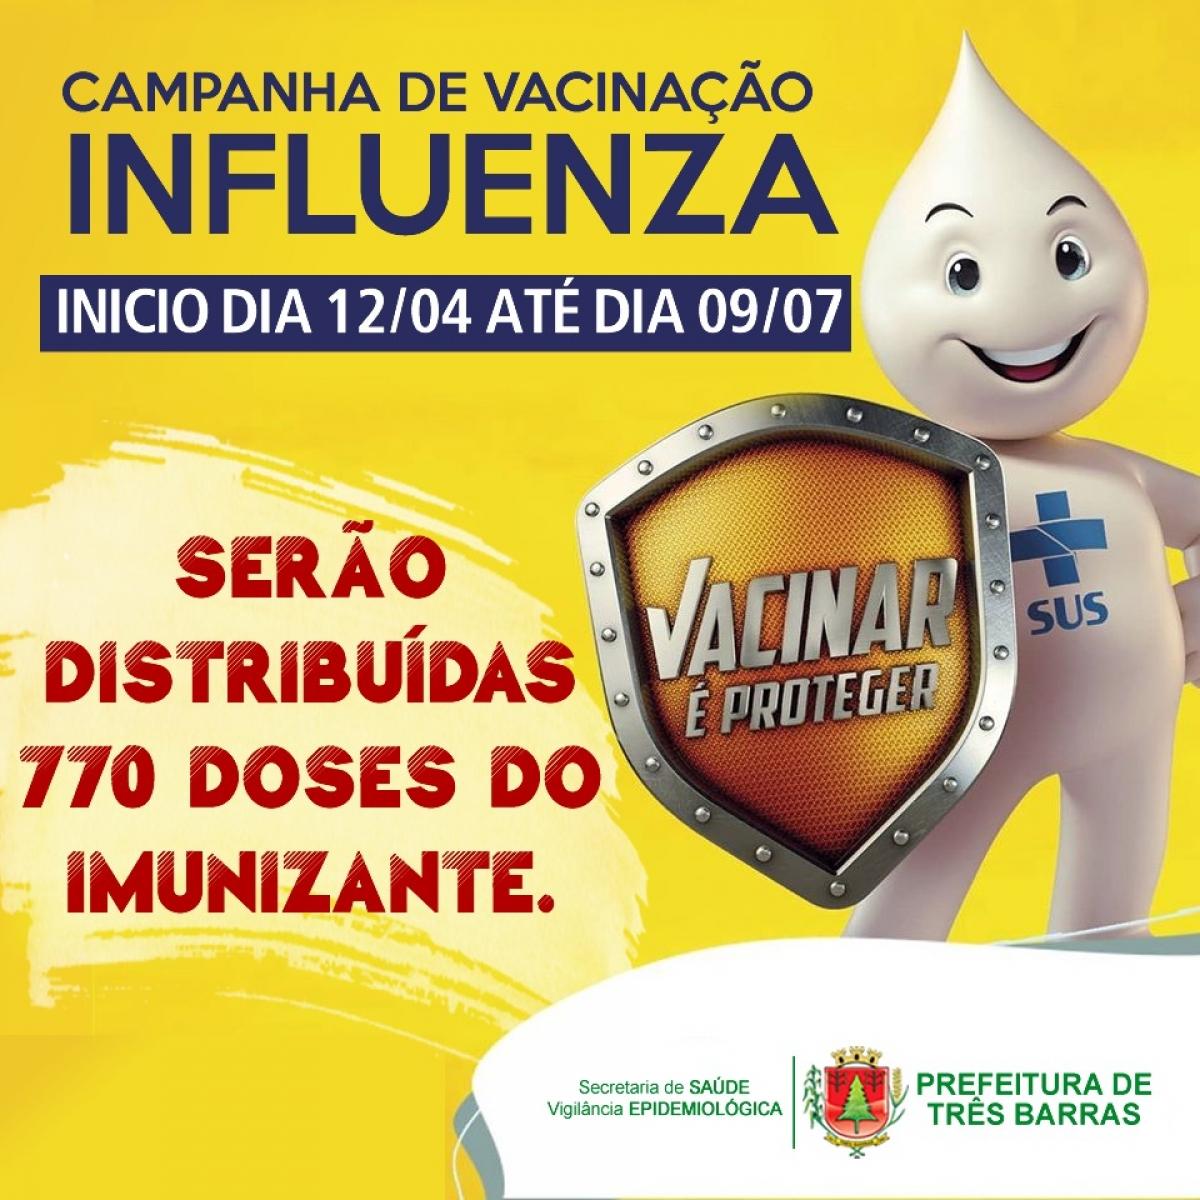 TRÊS BARRAS INICIA NESTA SEGUNDA-FEIRA A CAMPANHA DE VACINAÇÃO CONTRA GRIPE